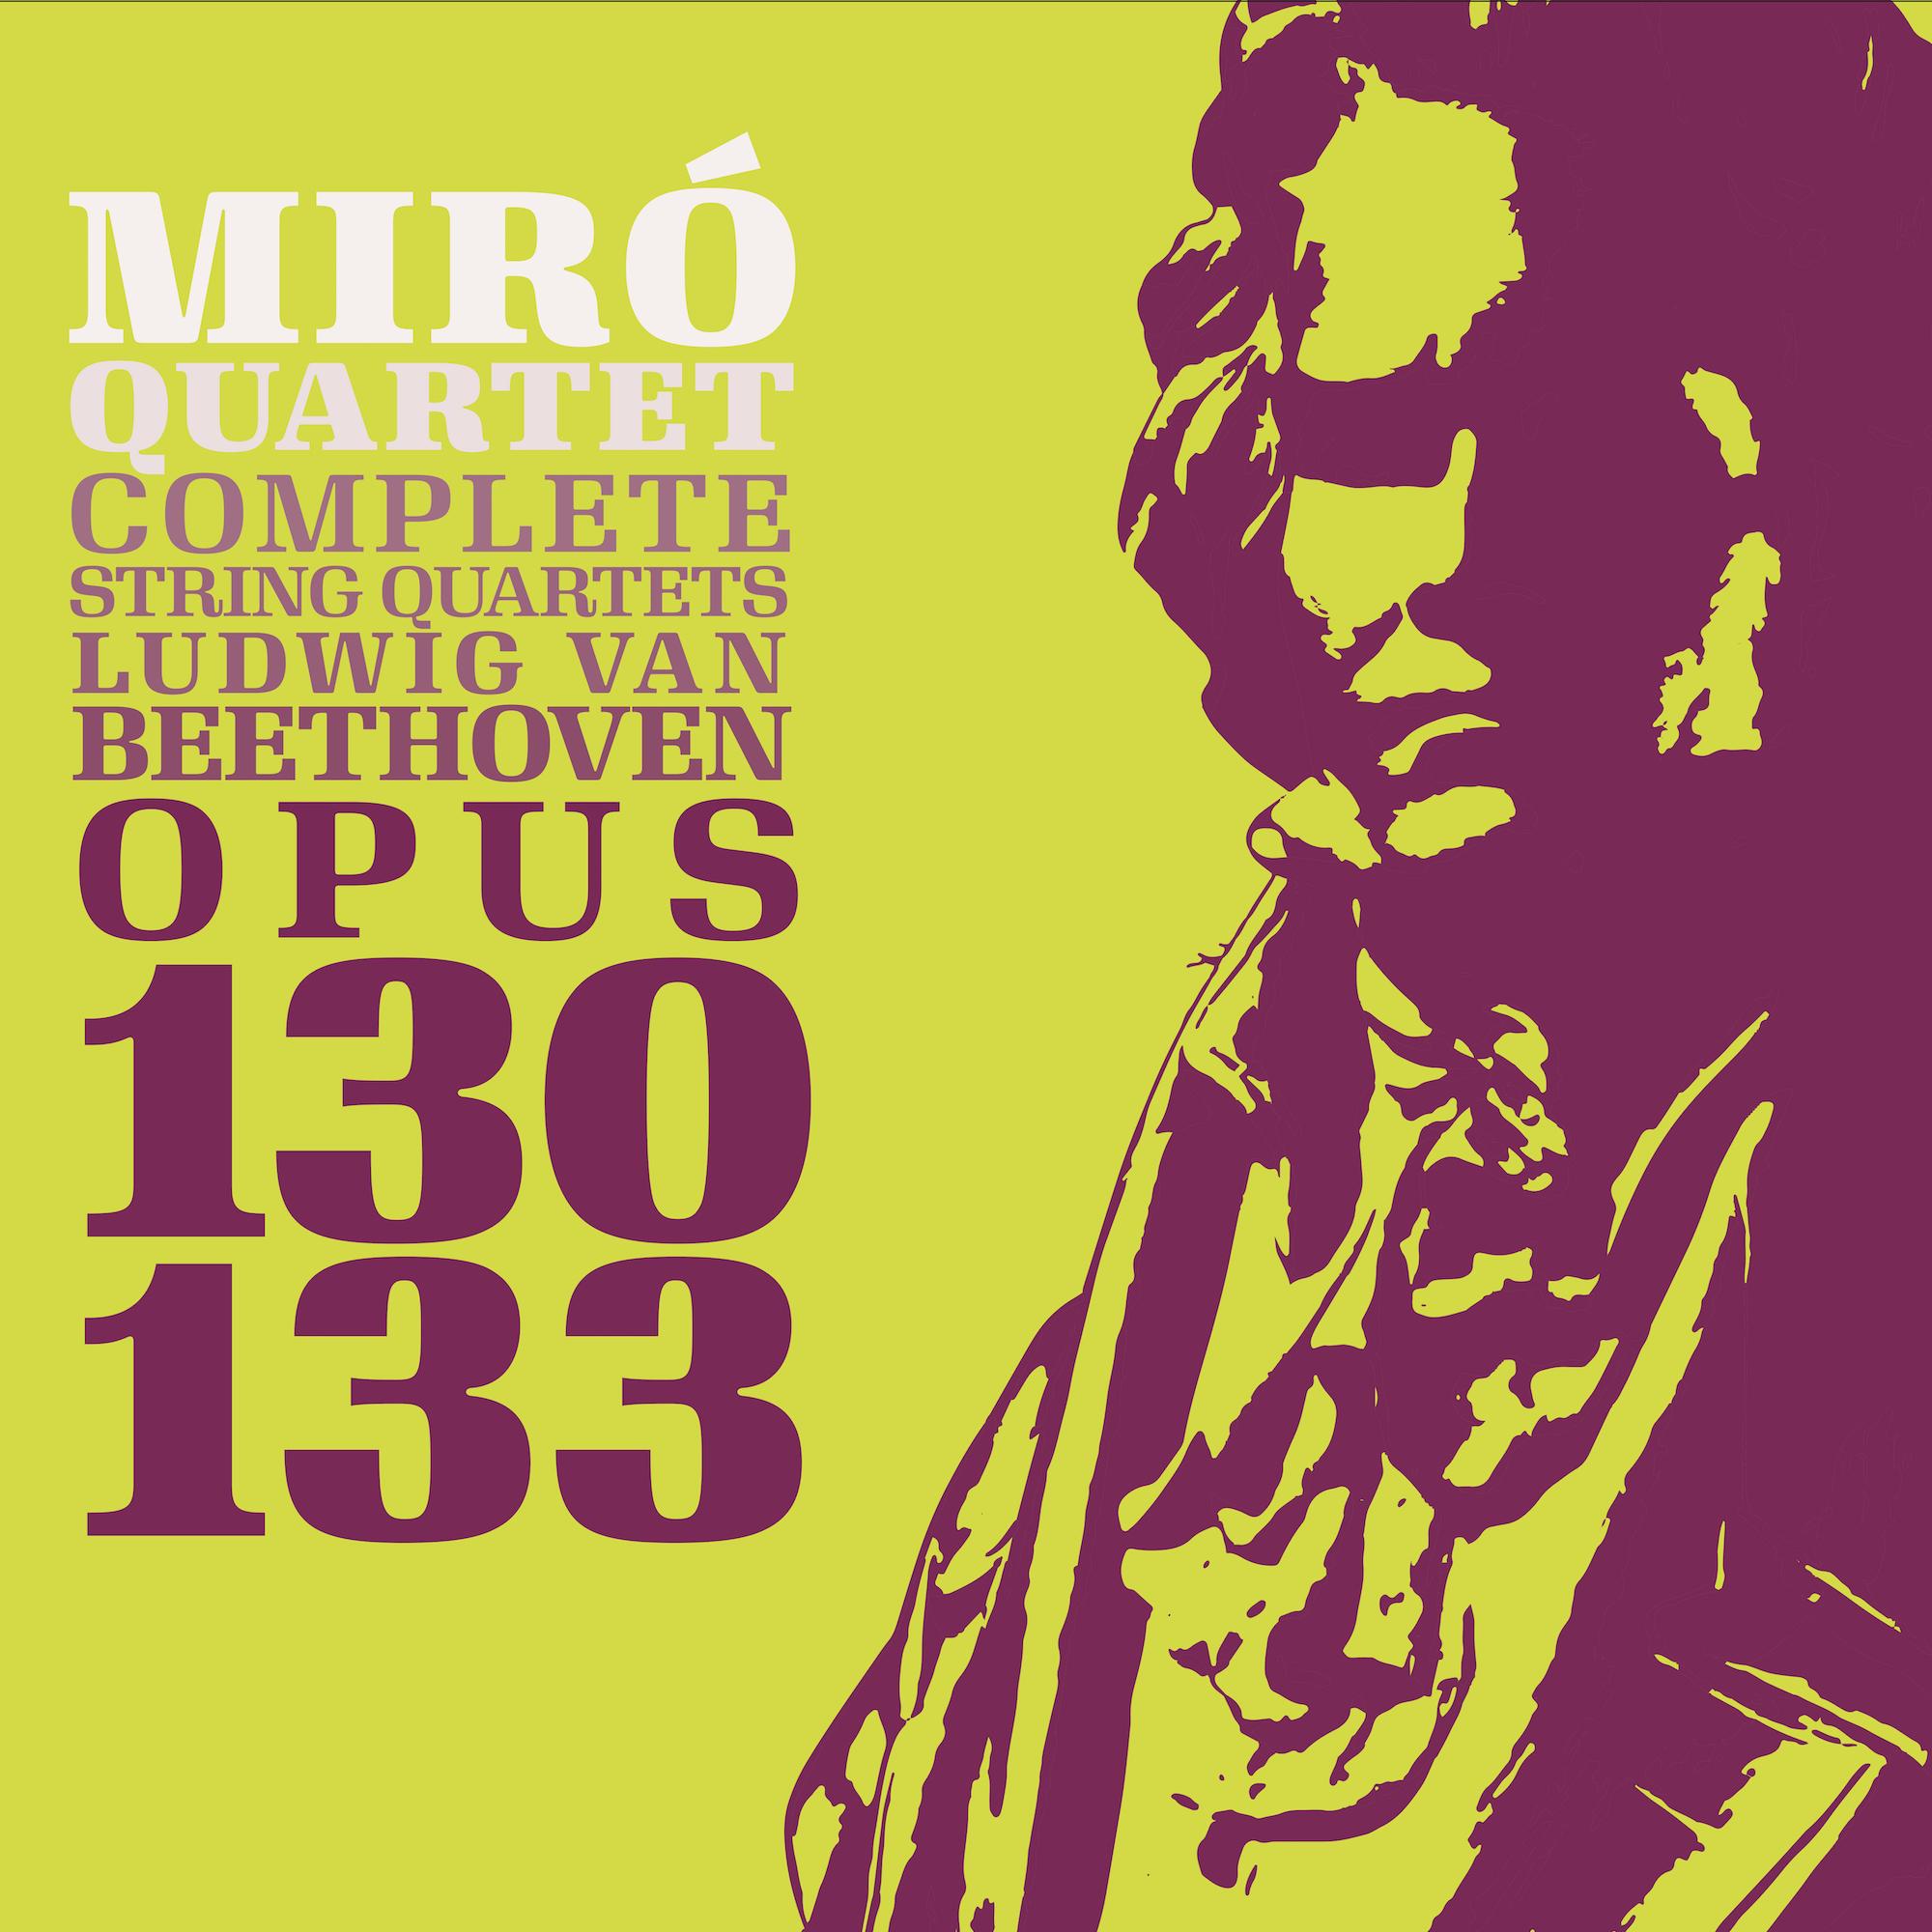 Miró Quartet | Recordings